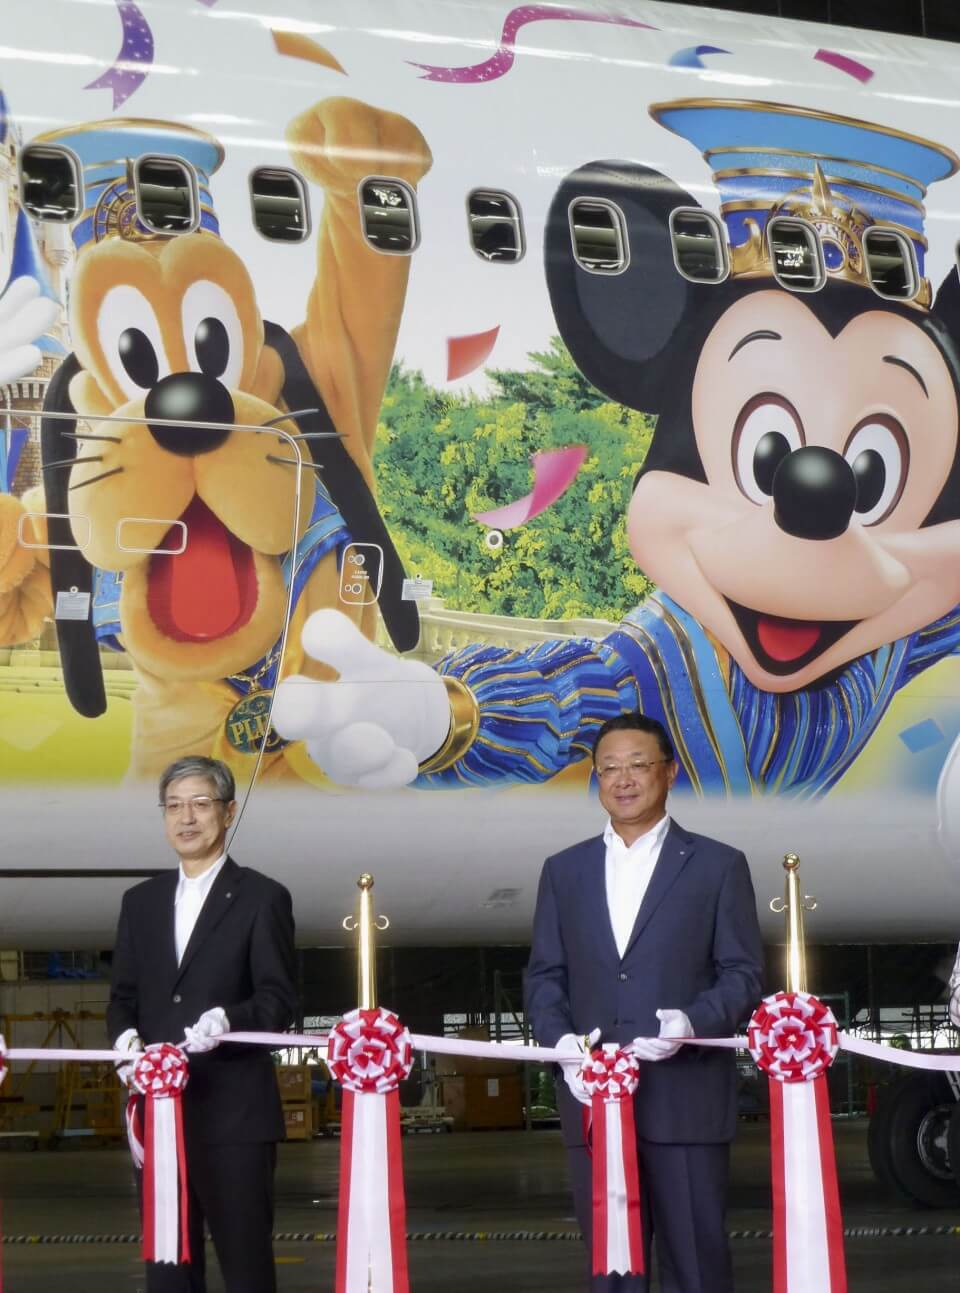 Maskapai Penerbangan JAL Operasikan Pesawat Dengan Desain Karakter Disney